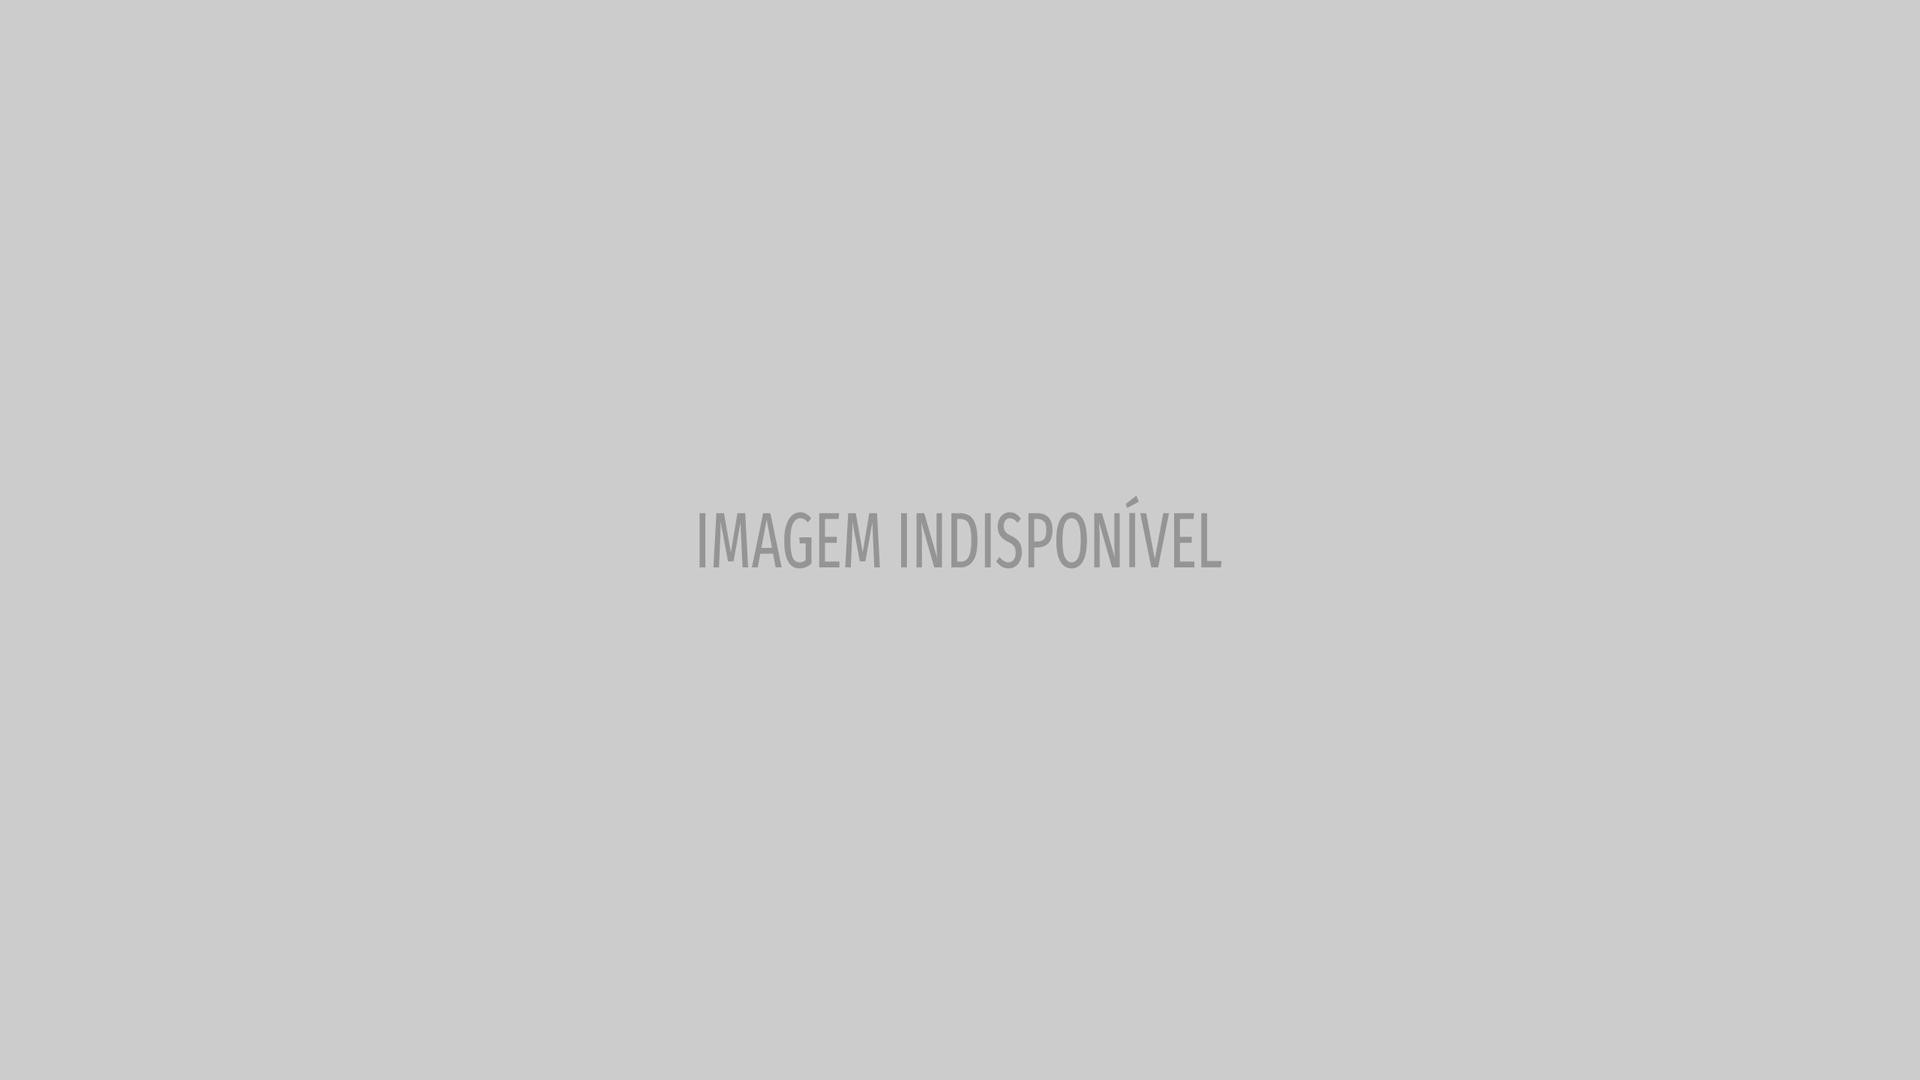 Queridinho nas redes sociais, Evaristo Costa diz que ficará 'offline'